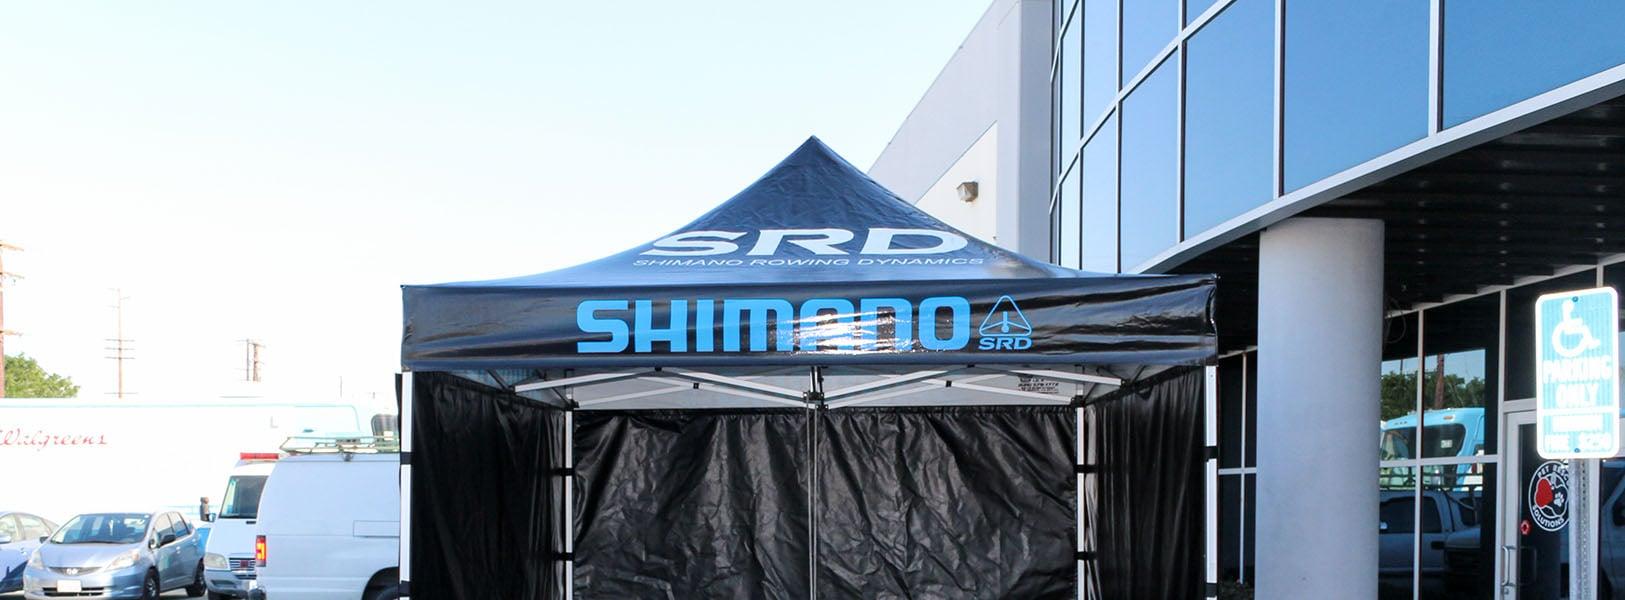 shimano-srd-header.jpg